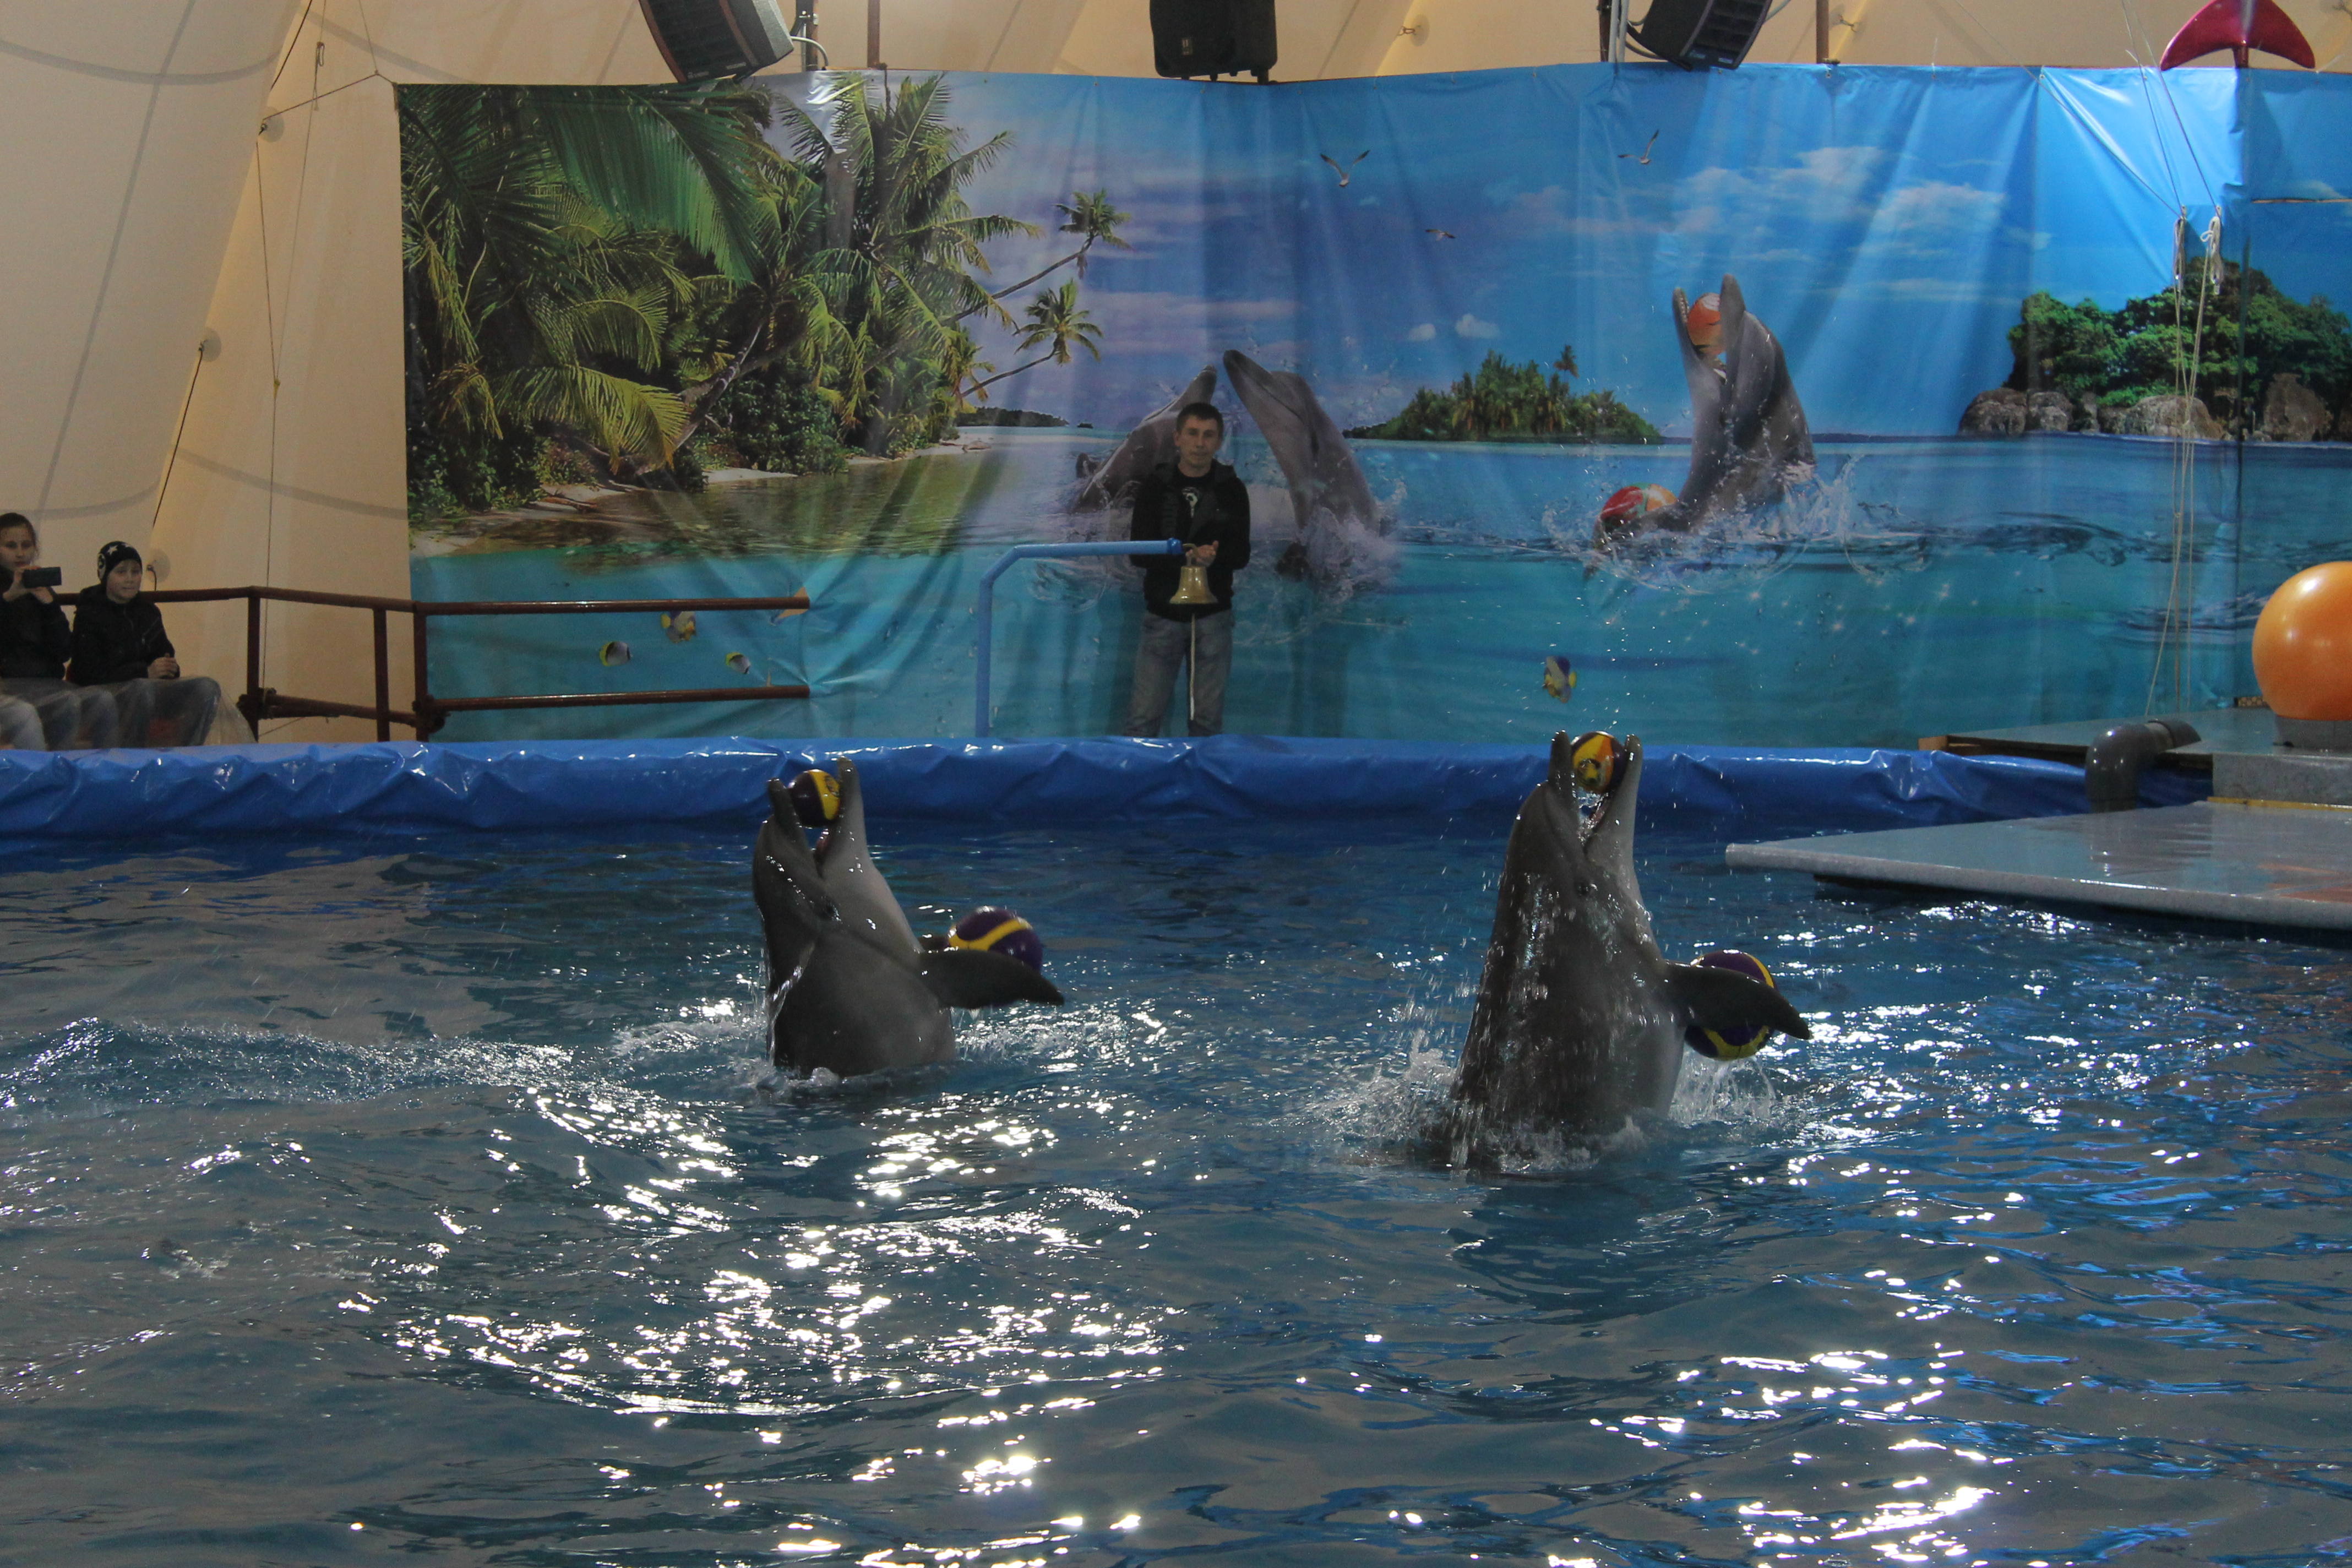 «Они должны жить на воле», «Это просто преступление», «Одумайтесь, люди!»: Как уфимцы отреагировали на мнение Ульфата Мустафина о возможном строительстве дельфинария